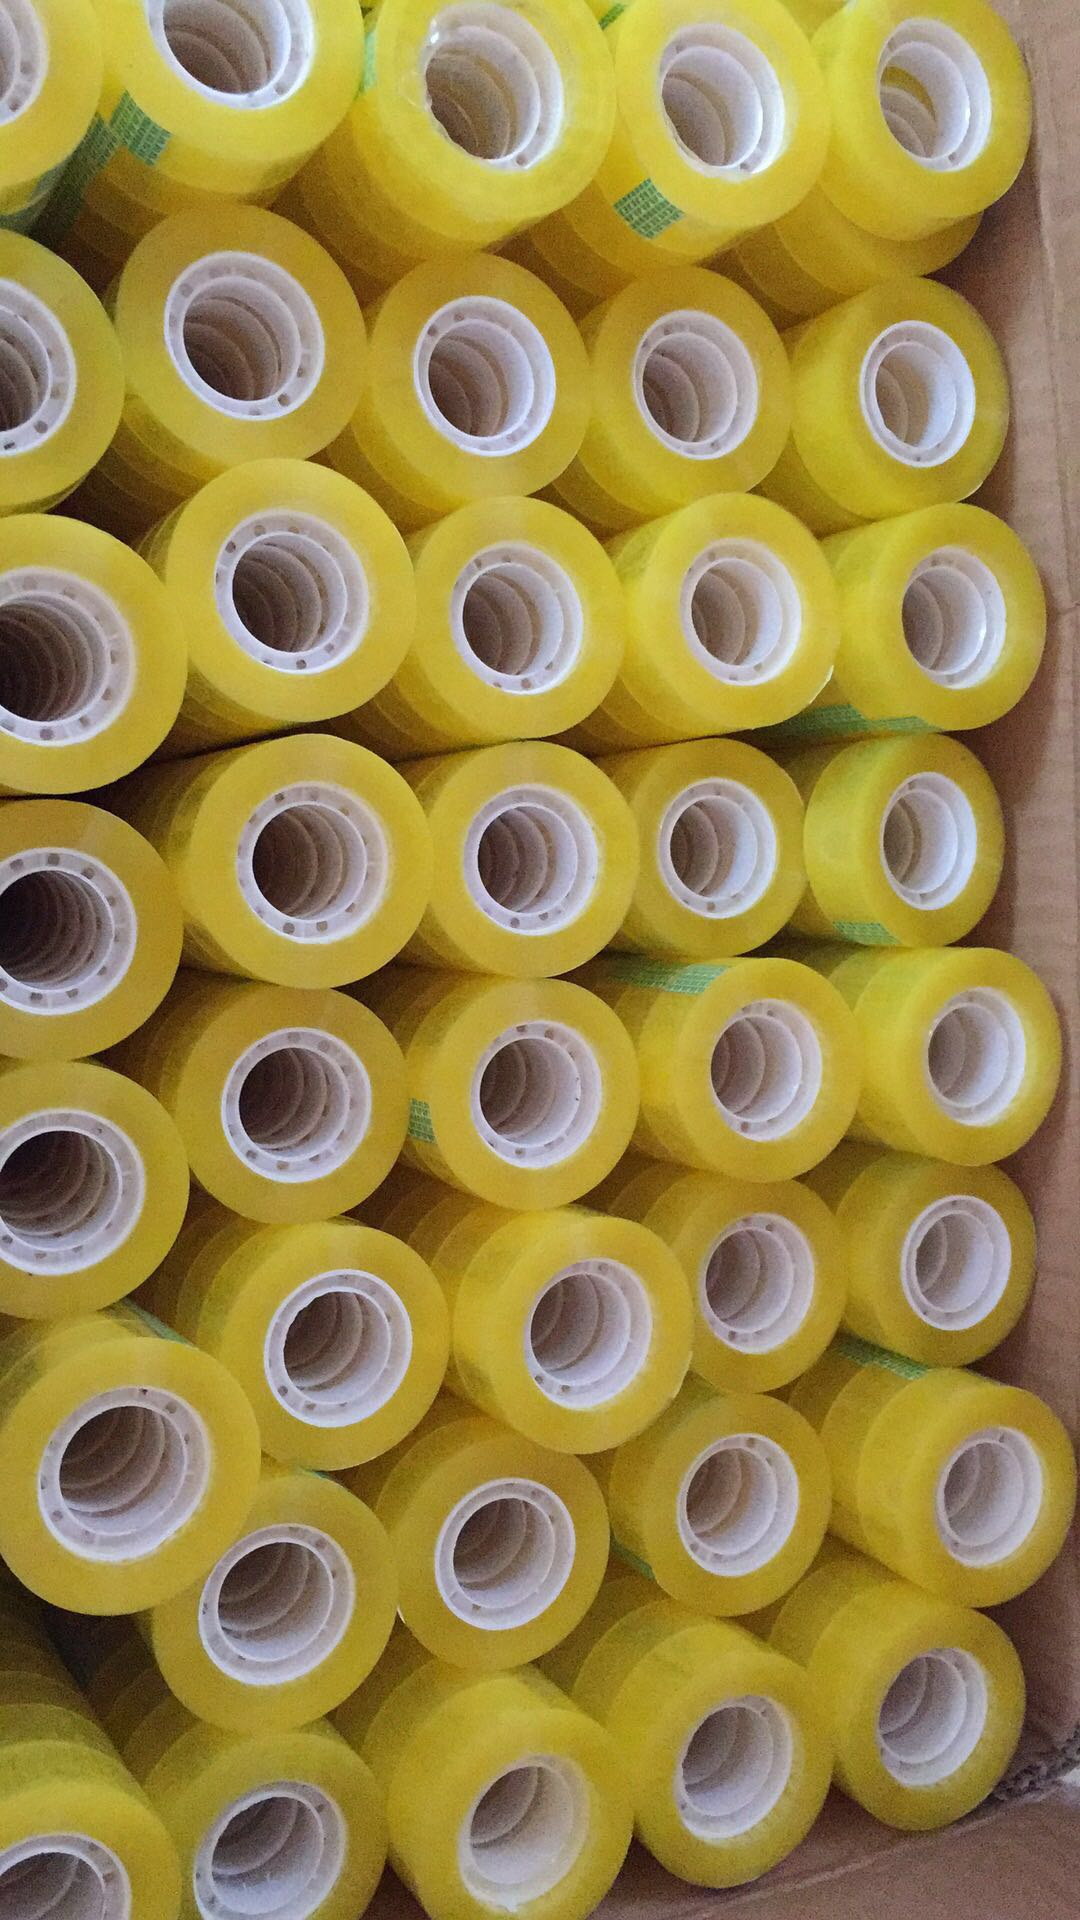 宁德文具胶带生产供应 服务为先「观顺供应」